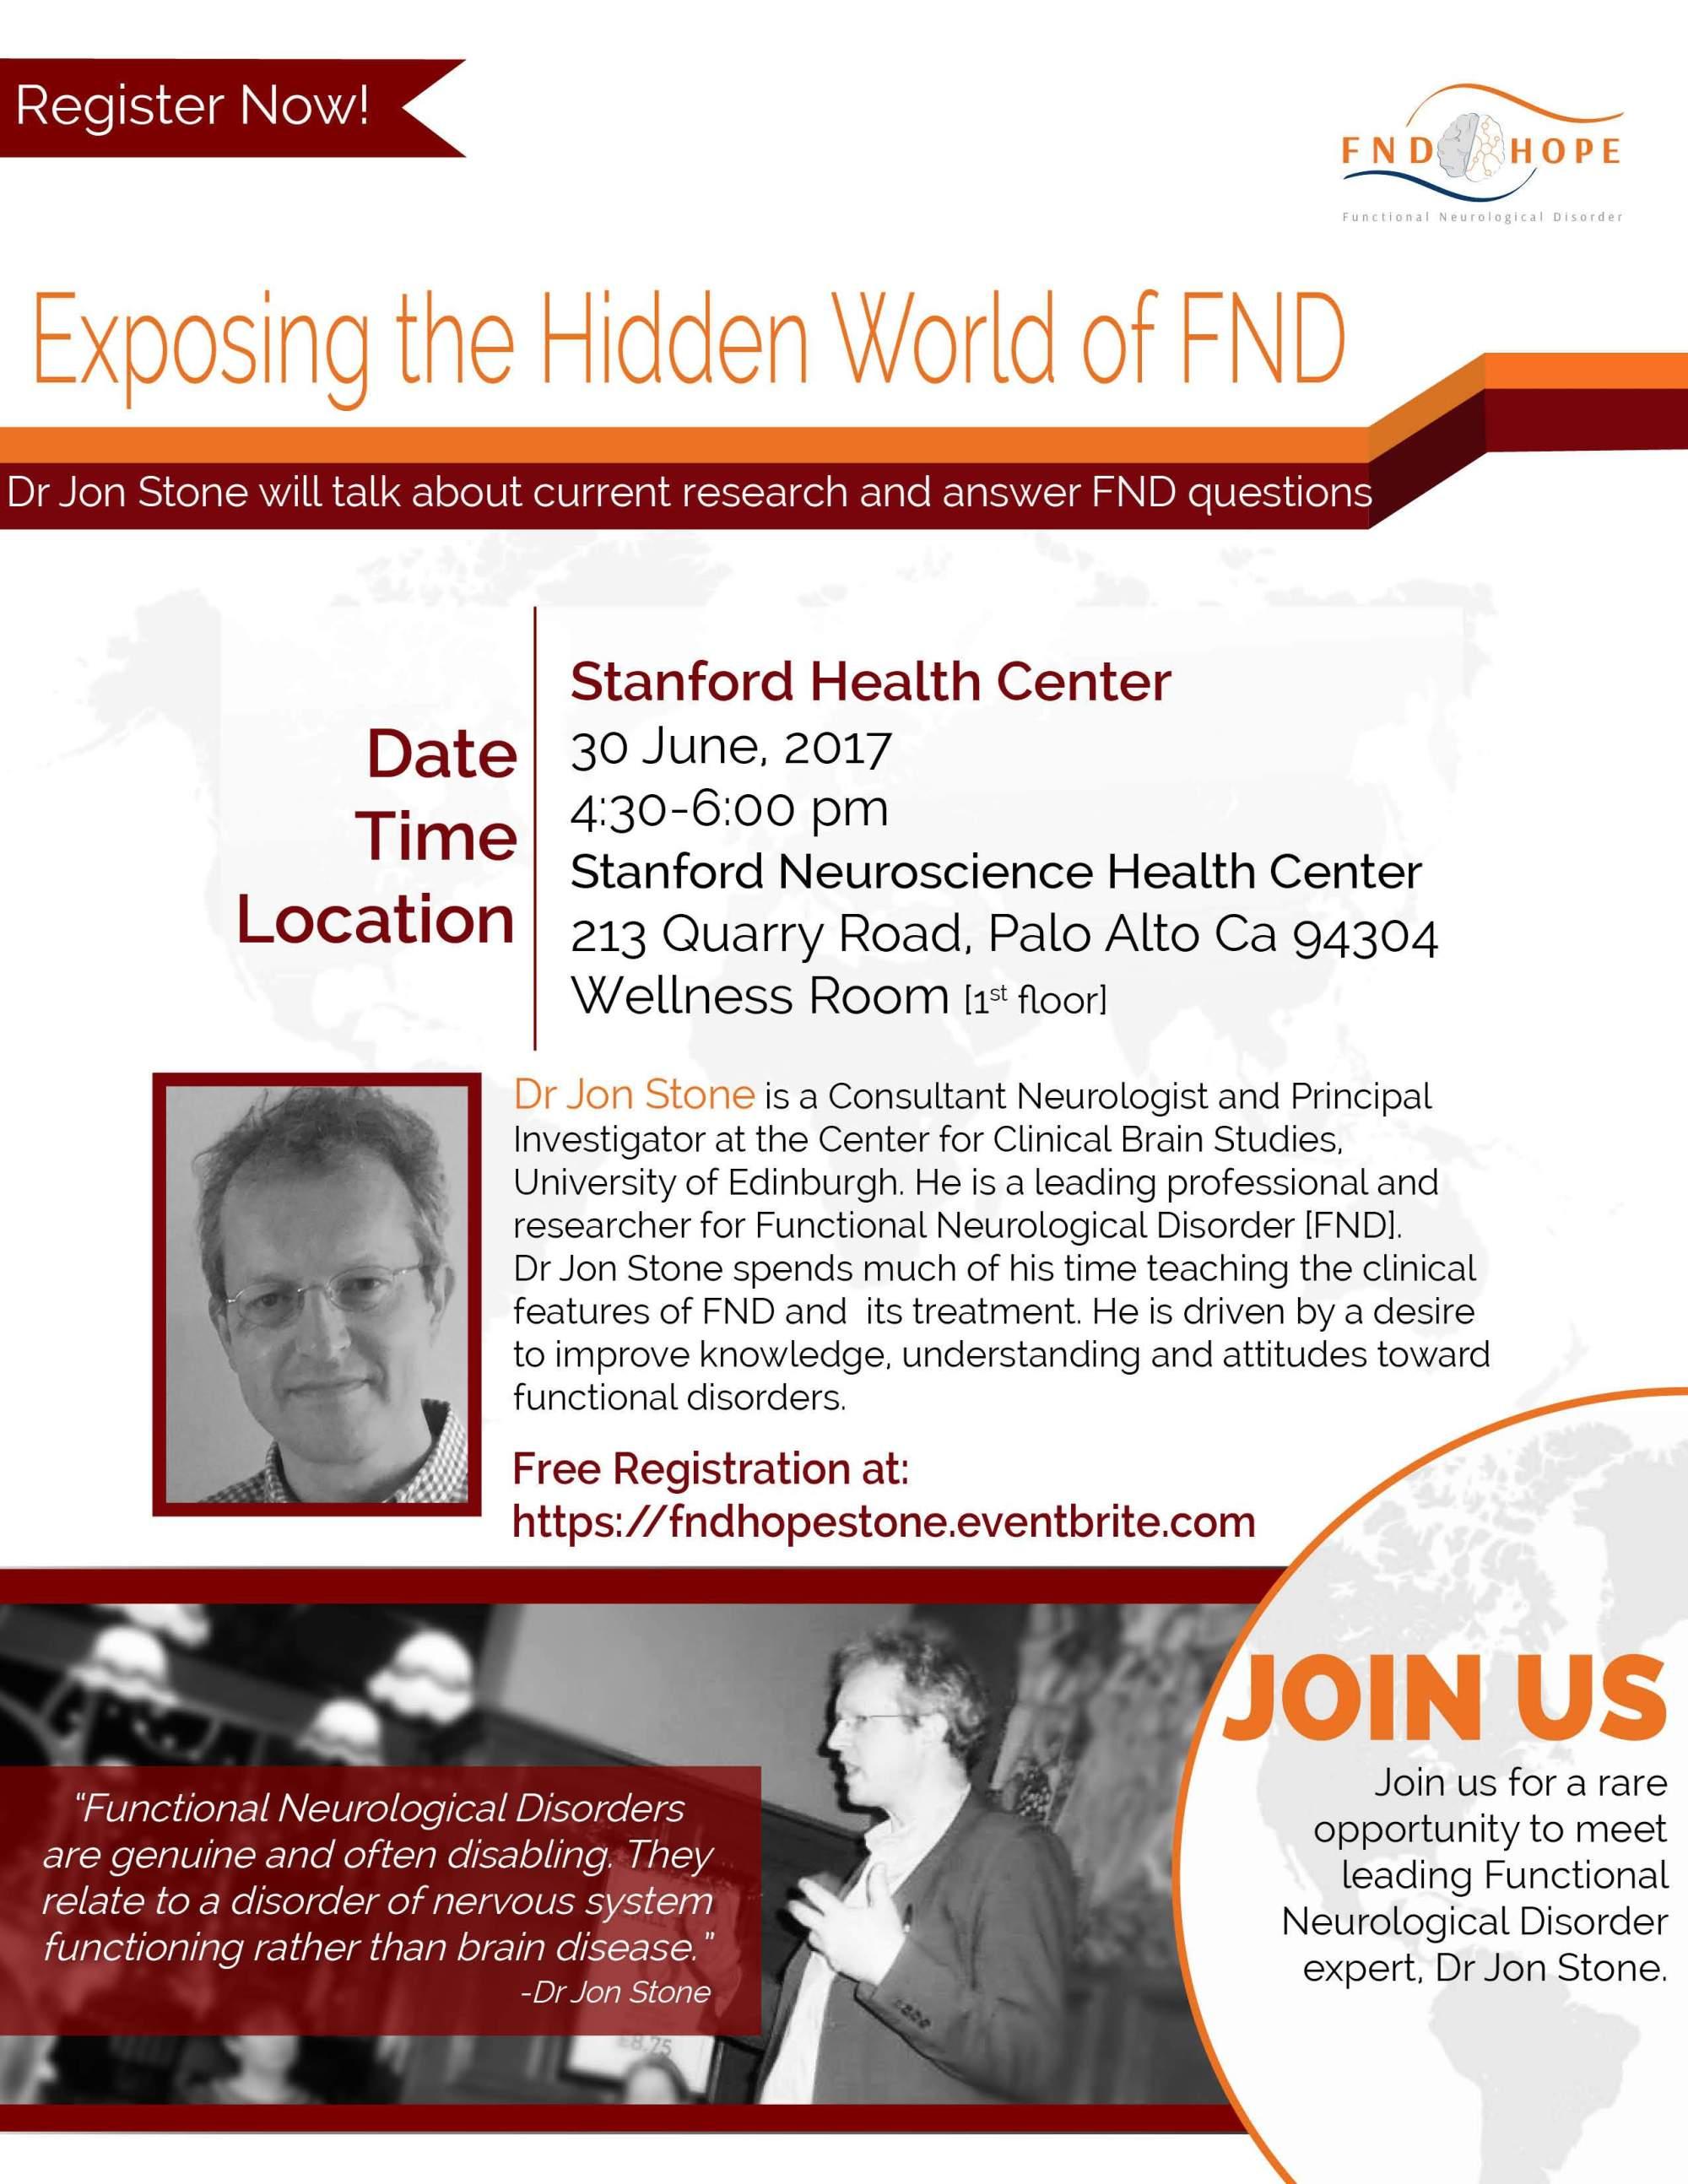 Dr. Jon Stone to Speak at Stanford